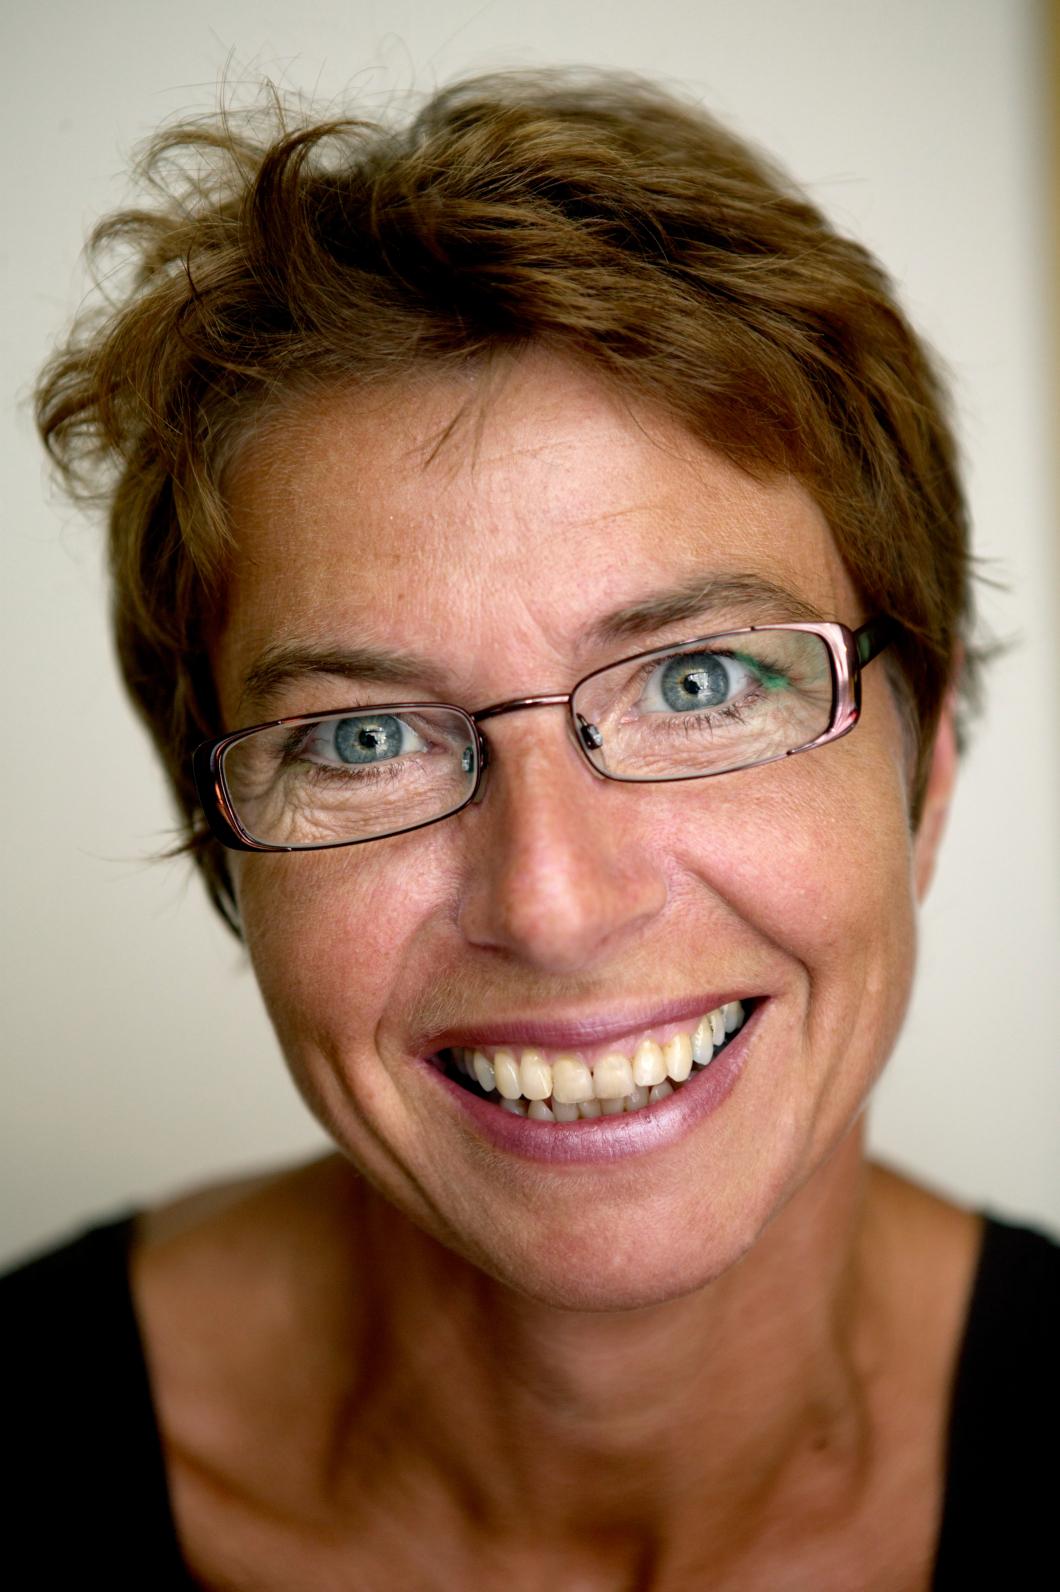 Danskarna litar på sina sjuksköterskor